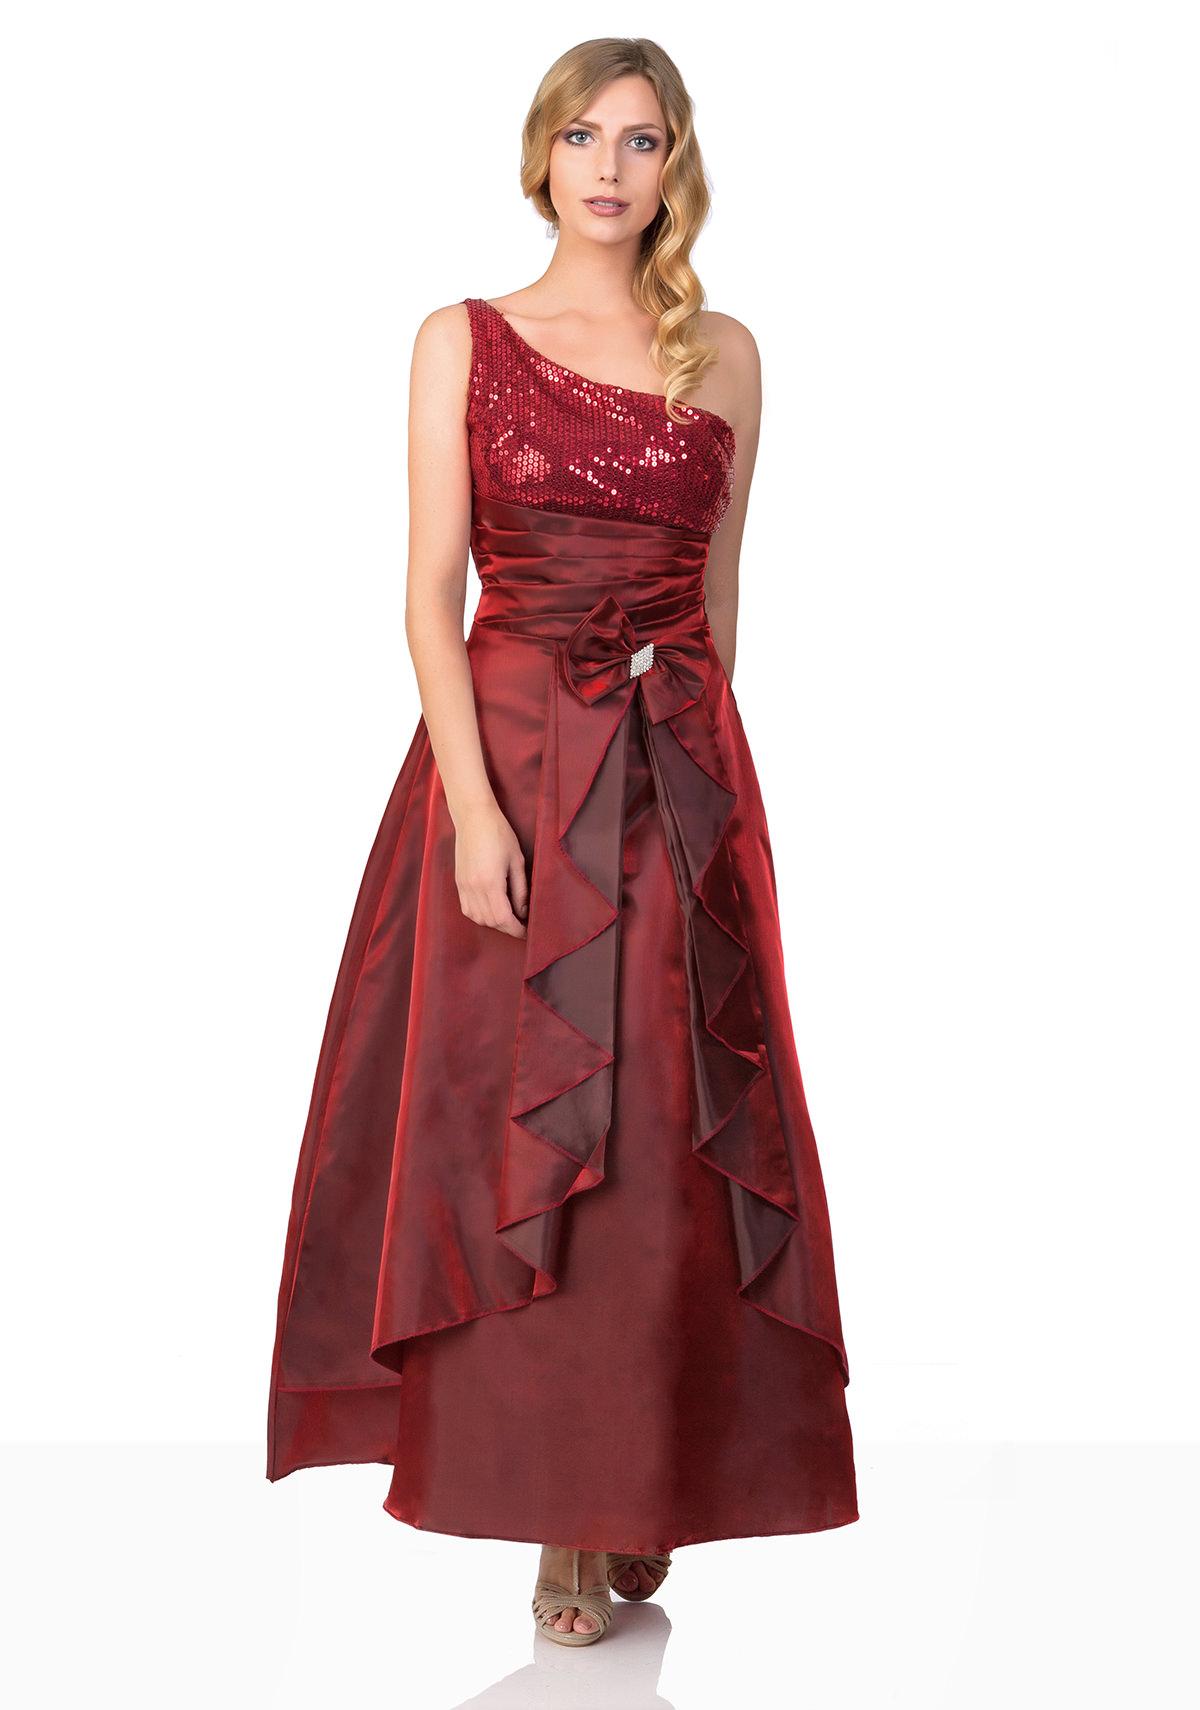 Günstige Abendkleider kaufen   VIP Dress 676cc3dc3f